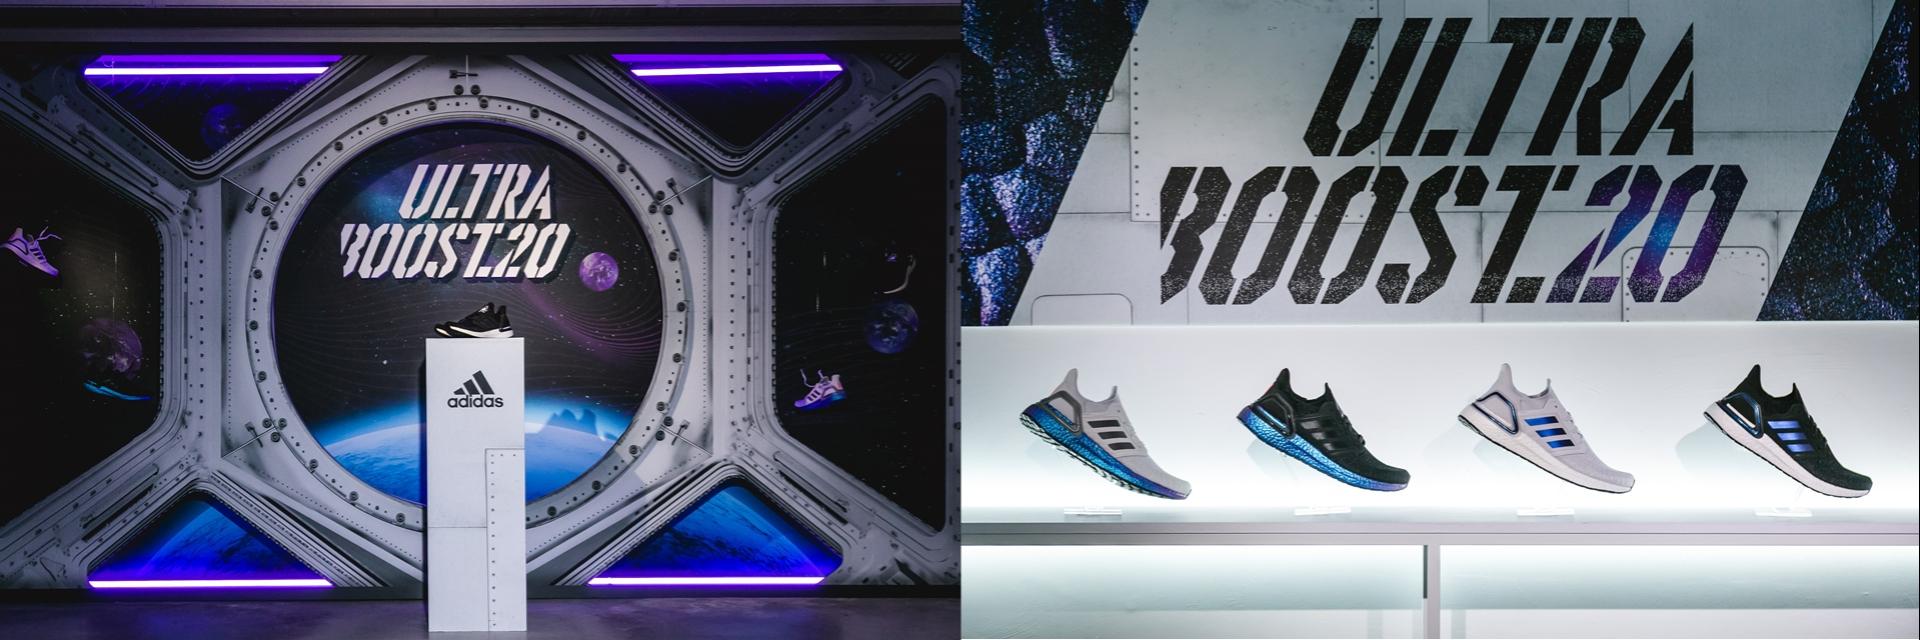 搶先直擊 adidas Ultraboost 20 新品發表,突破限制打造『超越重力』太空艙!